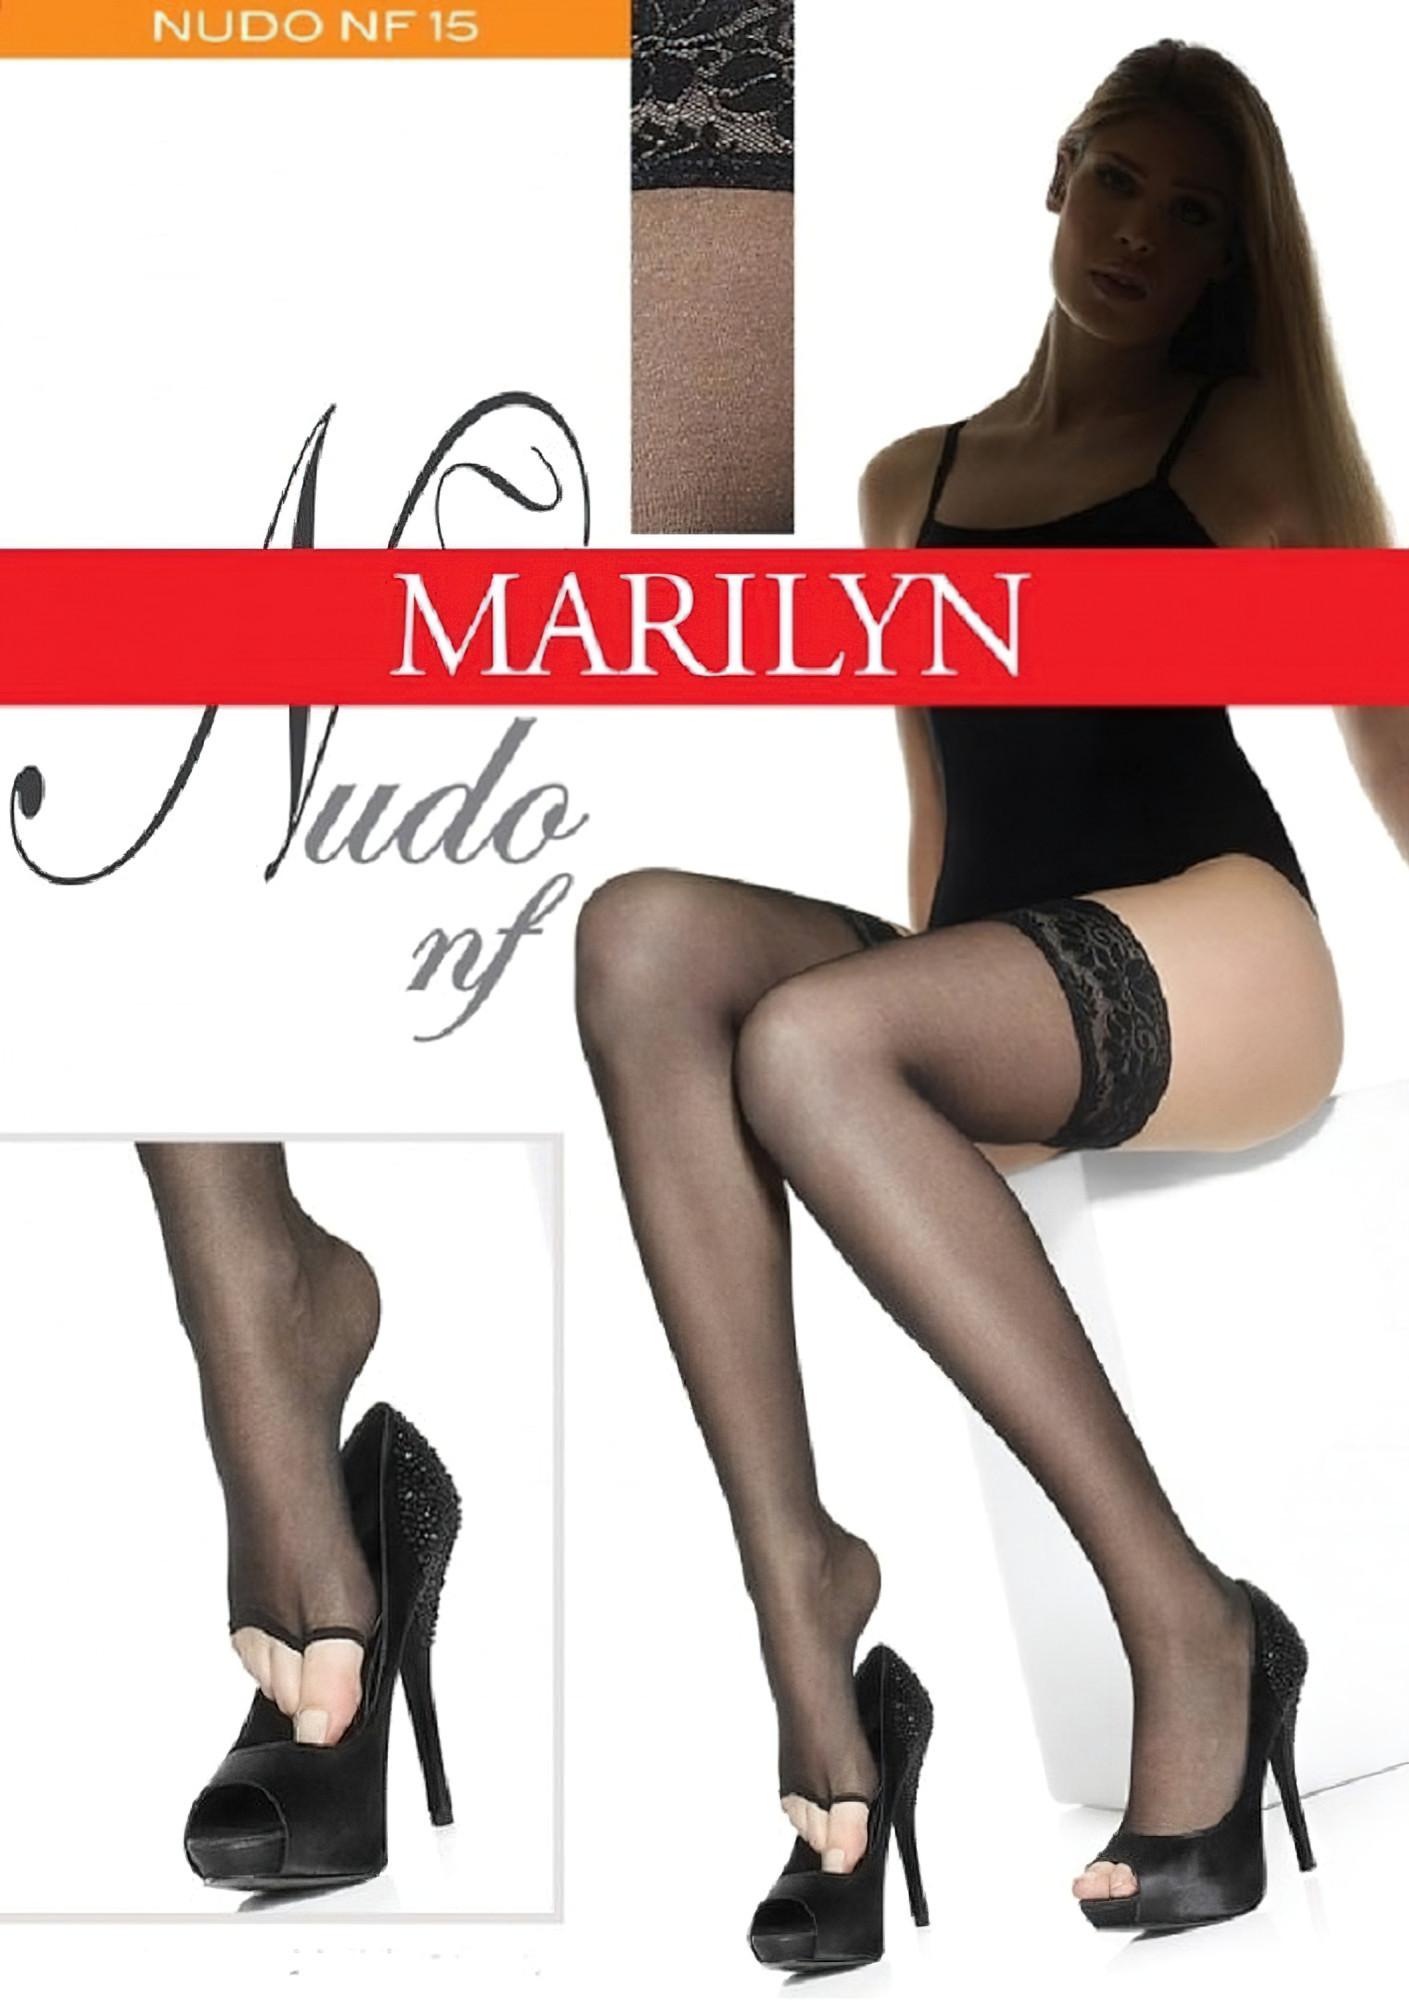 Samodržící punčochy s volnou špičkou Nudo nf Marilyn - Gemini Barva: tělová, Velikost: 1-2